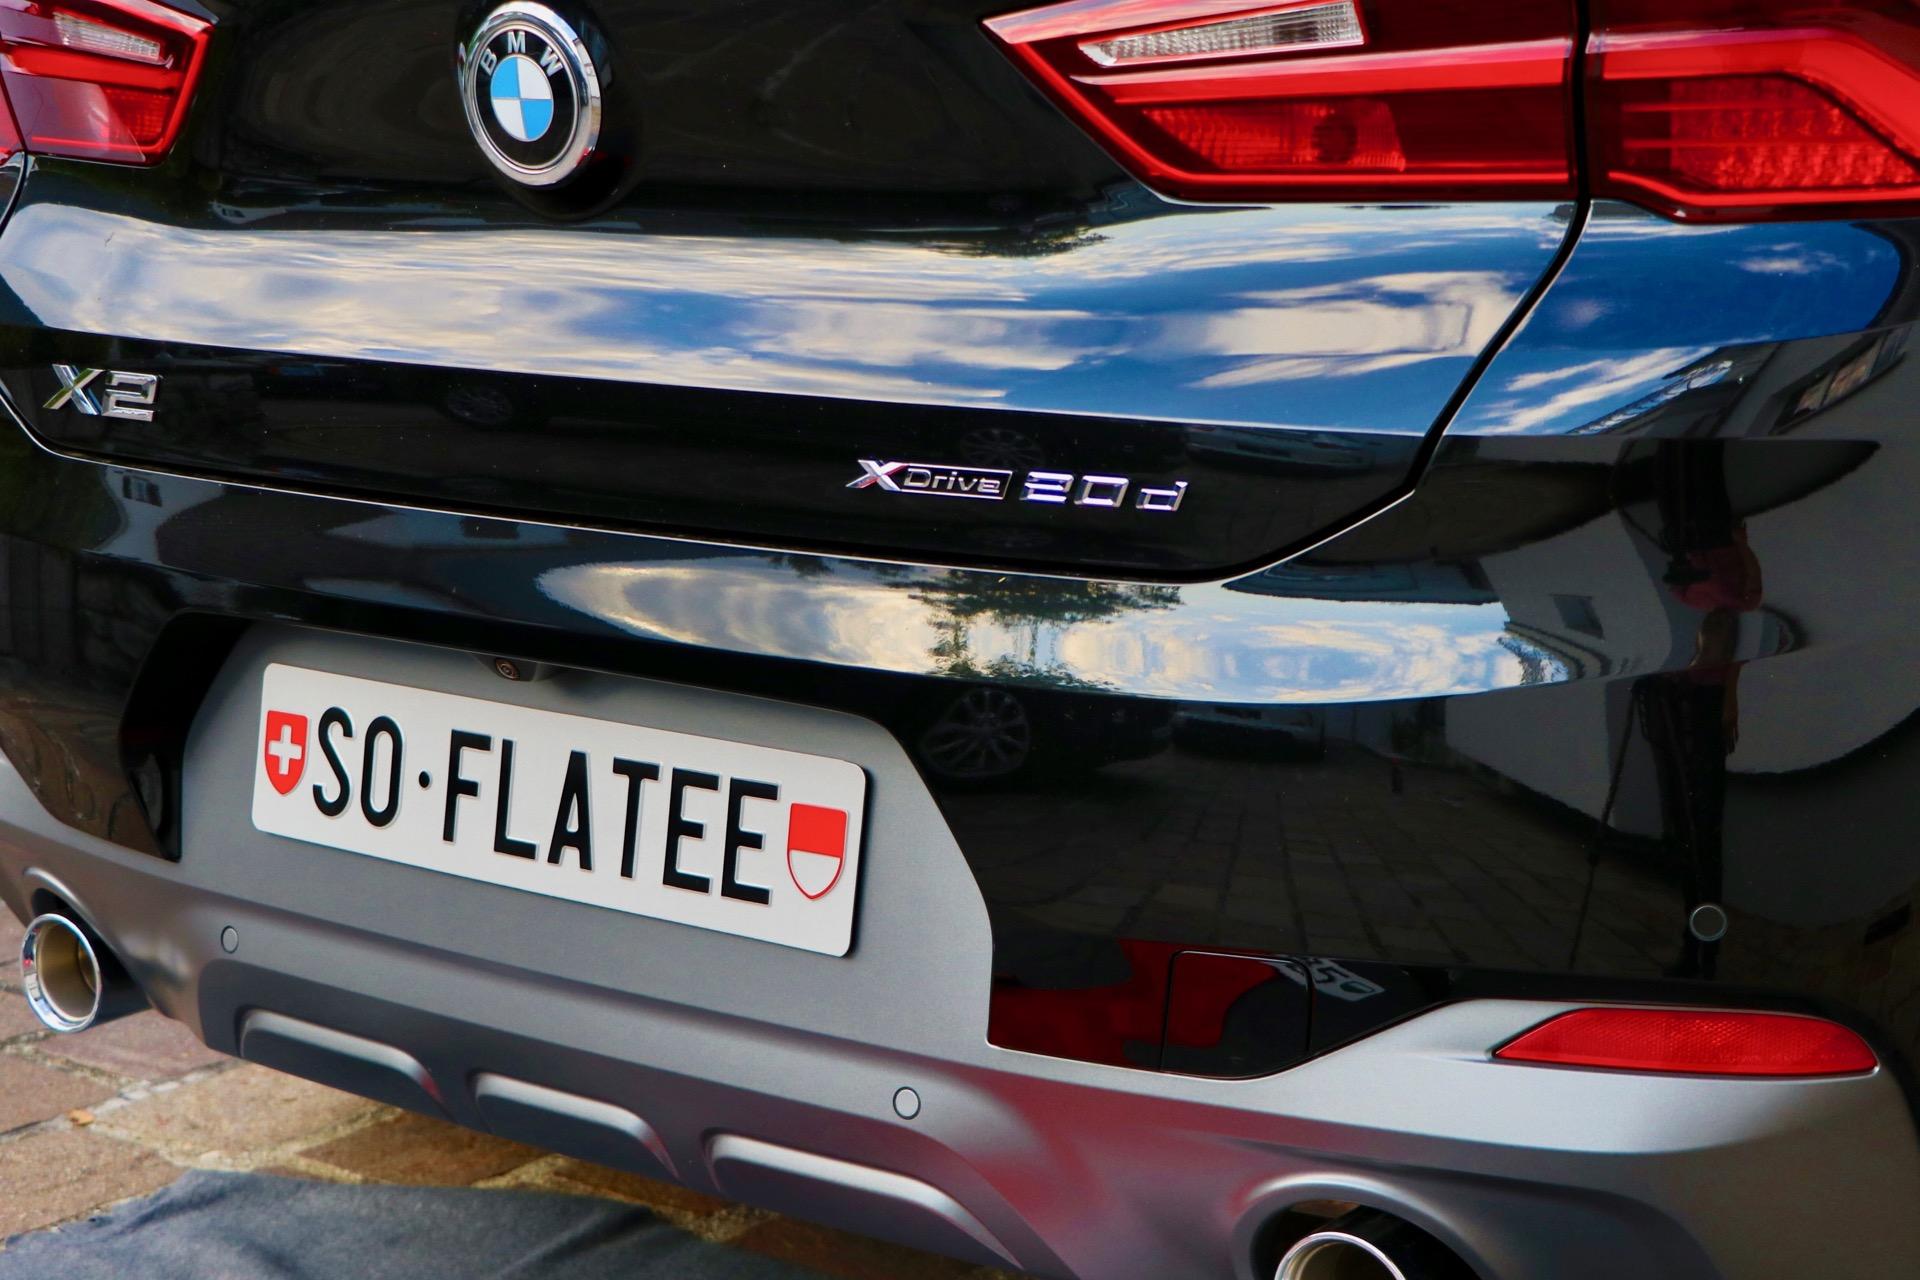 Kennzeichen montiert mit Flatee dem randlosen Kennzeichenhalter